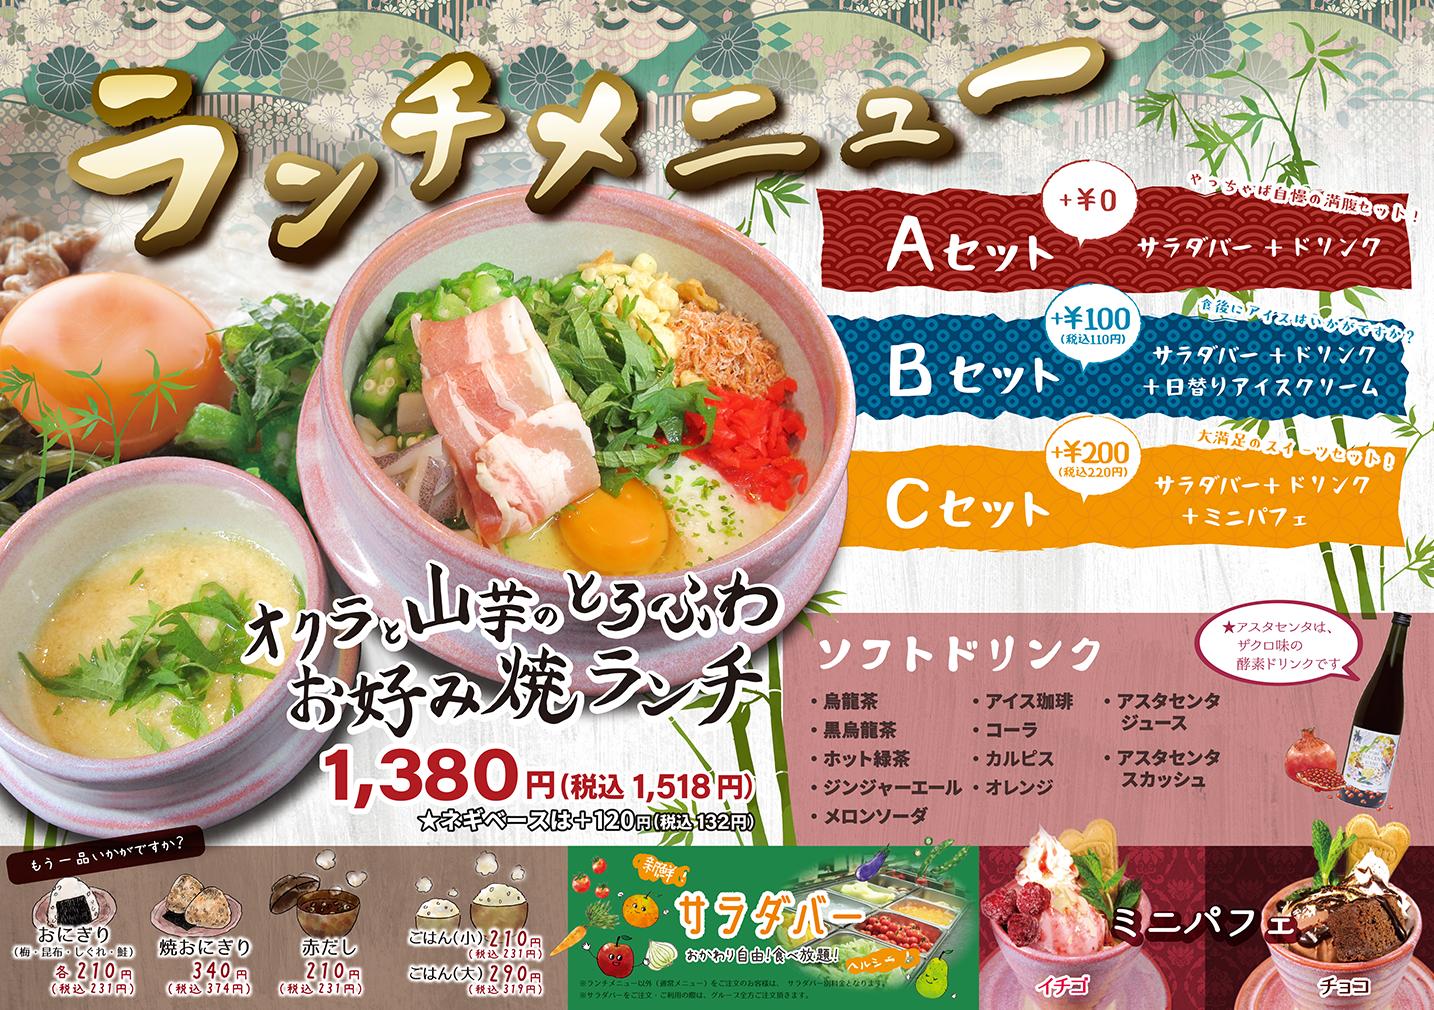 210531_2021夏のおすすめ_土日ランチ.png